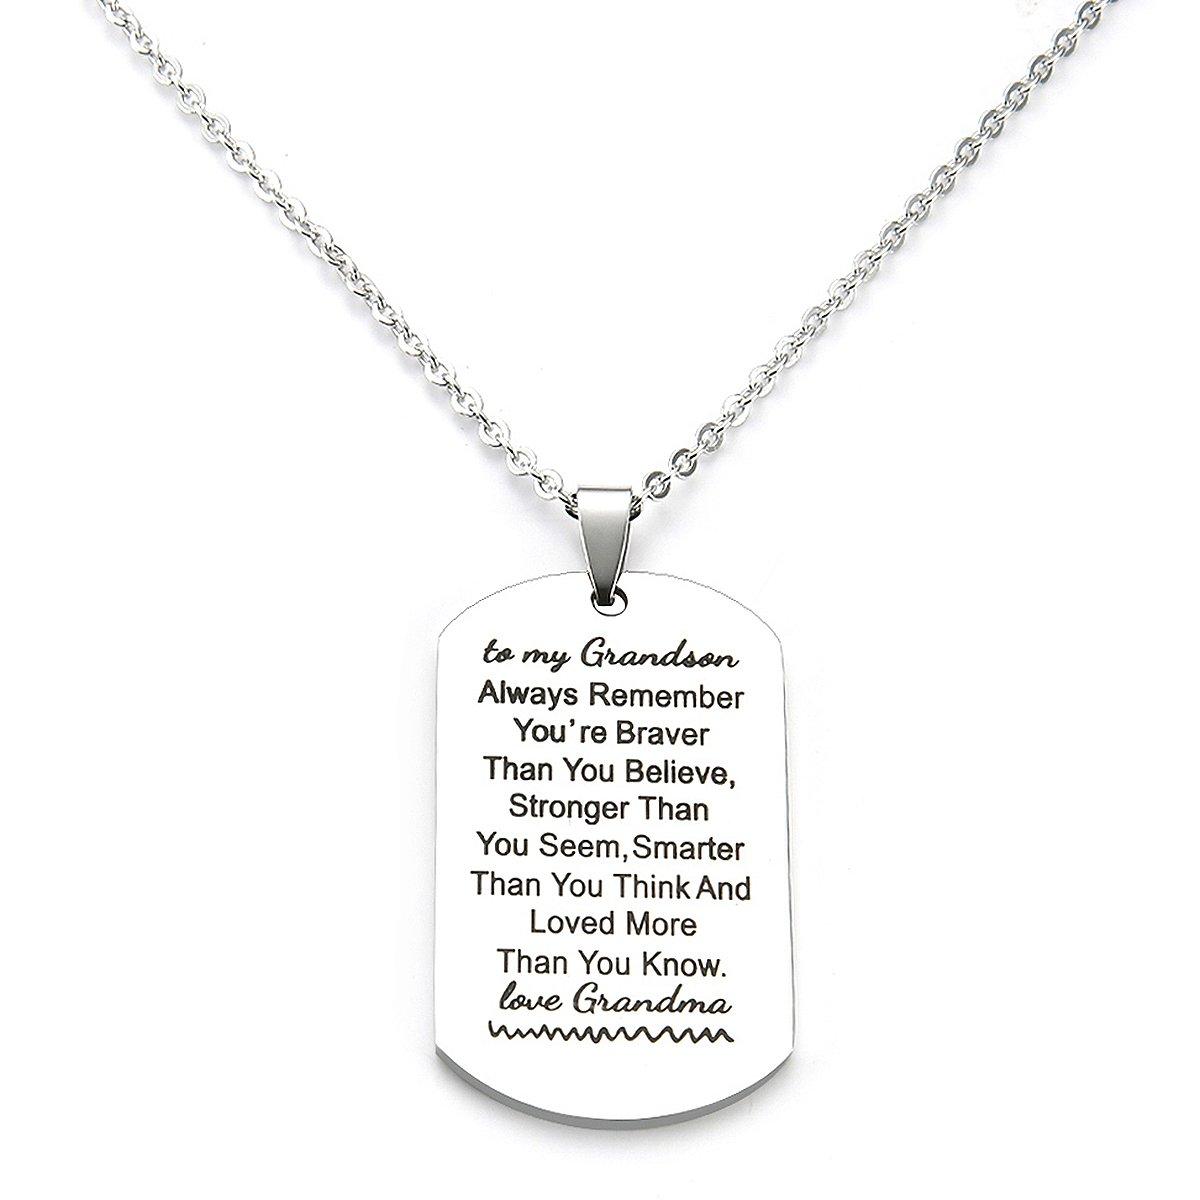 petit-fils cadeaux à partir de grand-mère grand-mère Nana grands-parents You Are Braver Than You Believe Collier Bijoux pour Enfants Pendentif dog tag danjie Nkc031